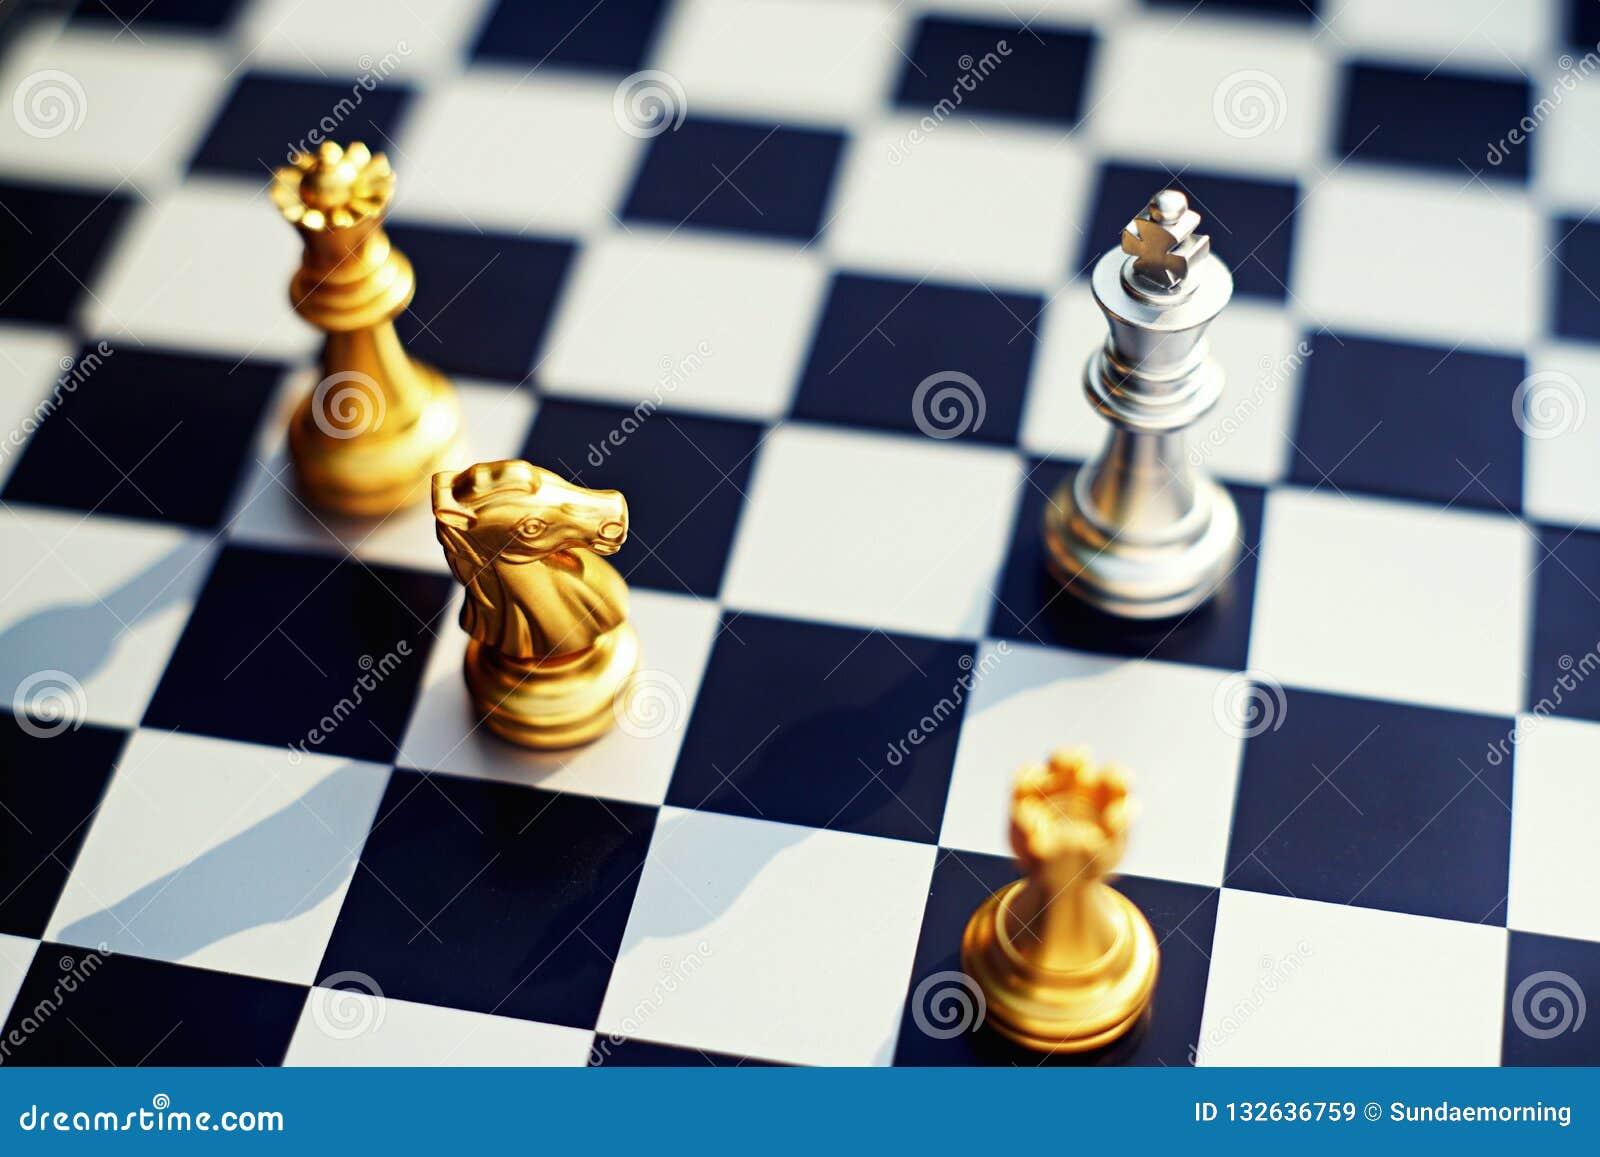 Schackbrädelek, nackdelkonung som omger vid fienden med det allvarliga lägeläget, konkurrenskraftigt begrepp för affär, kopia